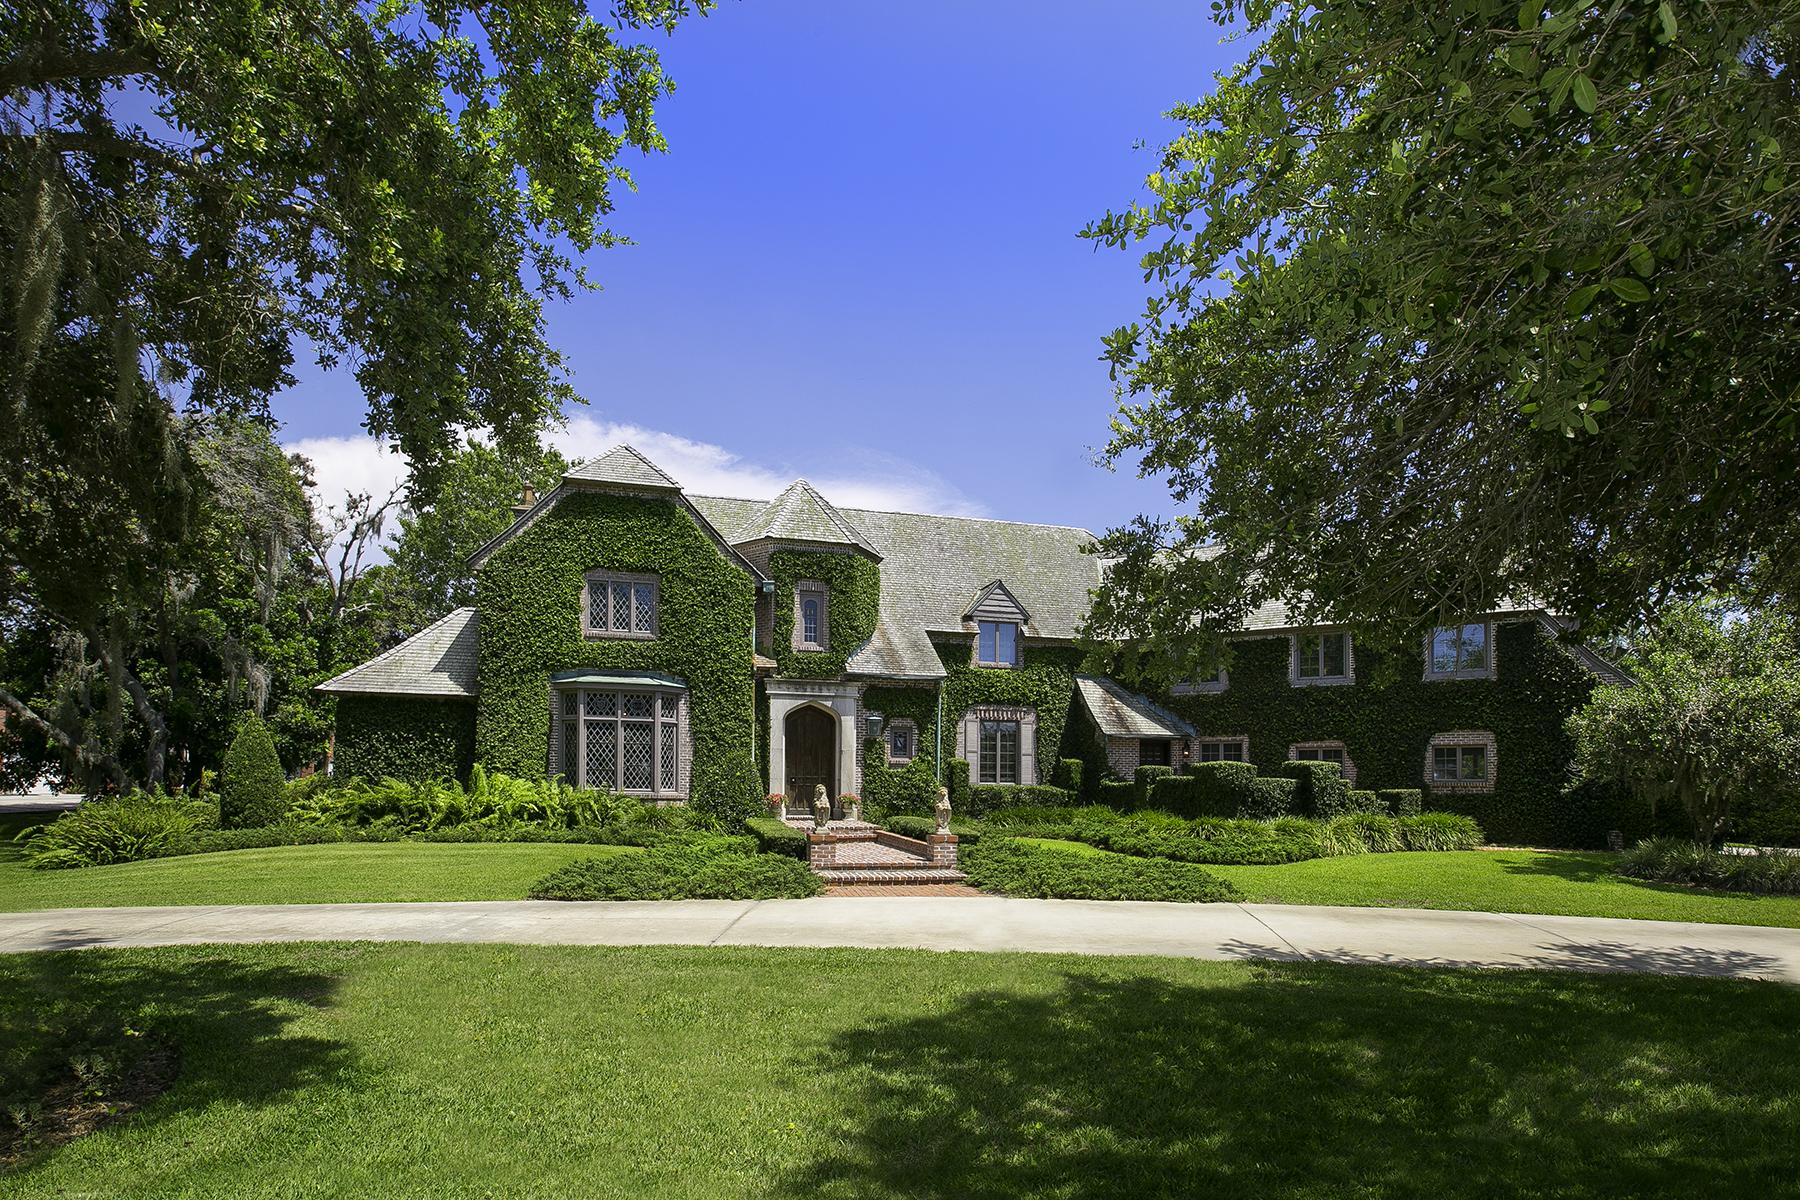 Maison unifamiliale pour l Vente à BAYOU BEND 1112 64th St NW Bradenton, Florida, 34209 États-Unis